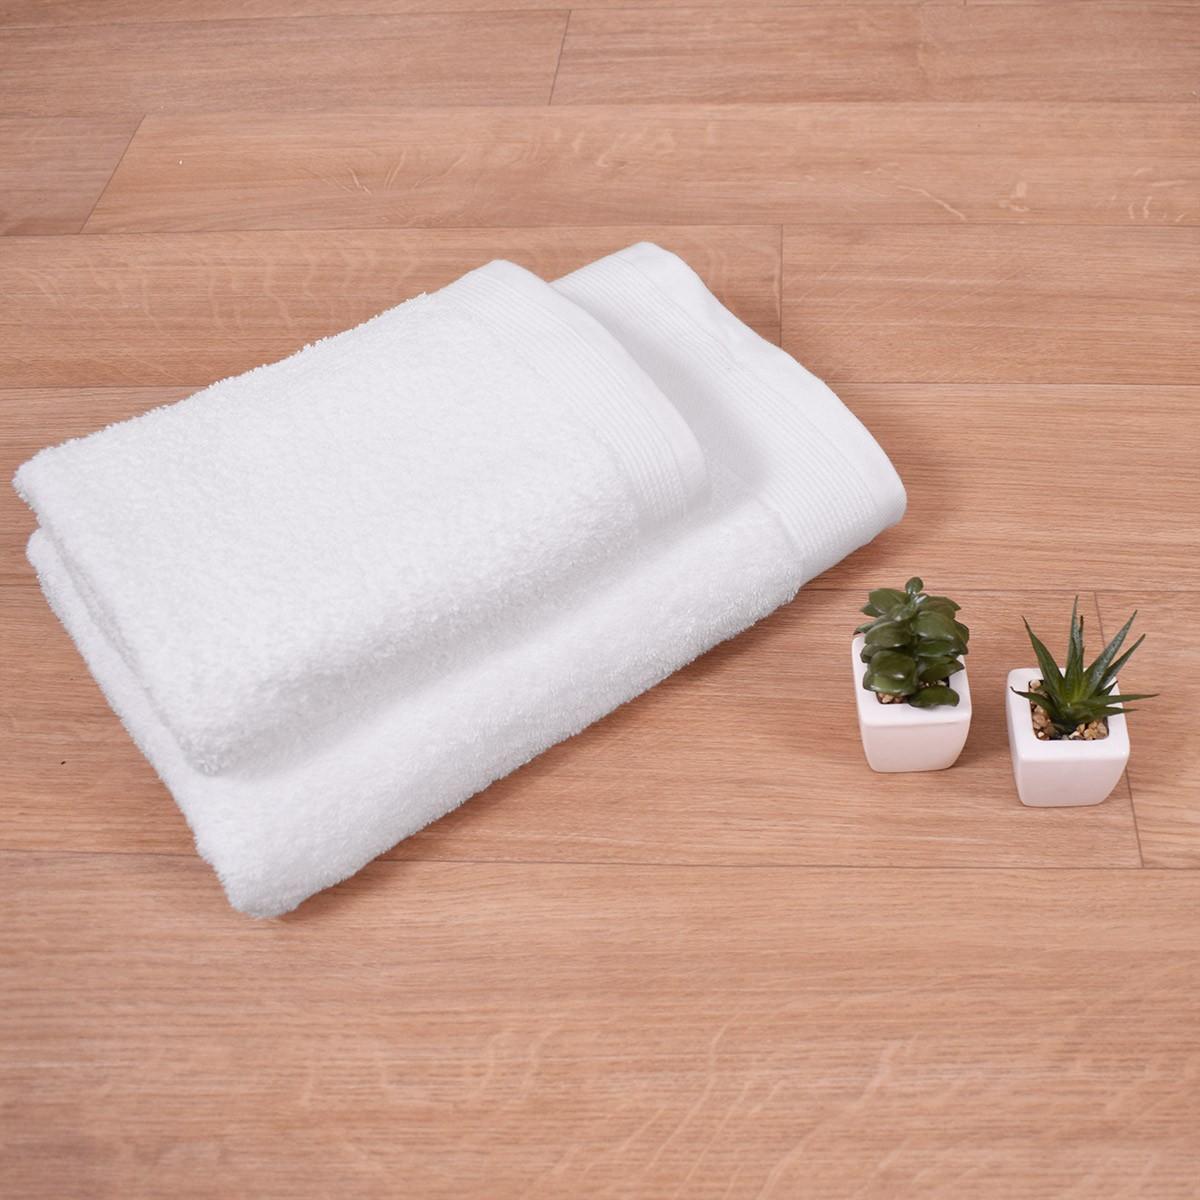 Πετσέτα Σώματος Λευκή (70x140) Cleopatra 700gr/m2 home   επαγγελματικός εξοπλισμός   ξενοδοχειακός εξοπλισμός   πετσέτες ξενοδοχεί